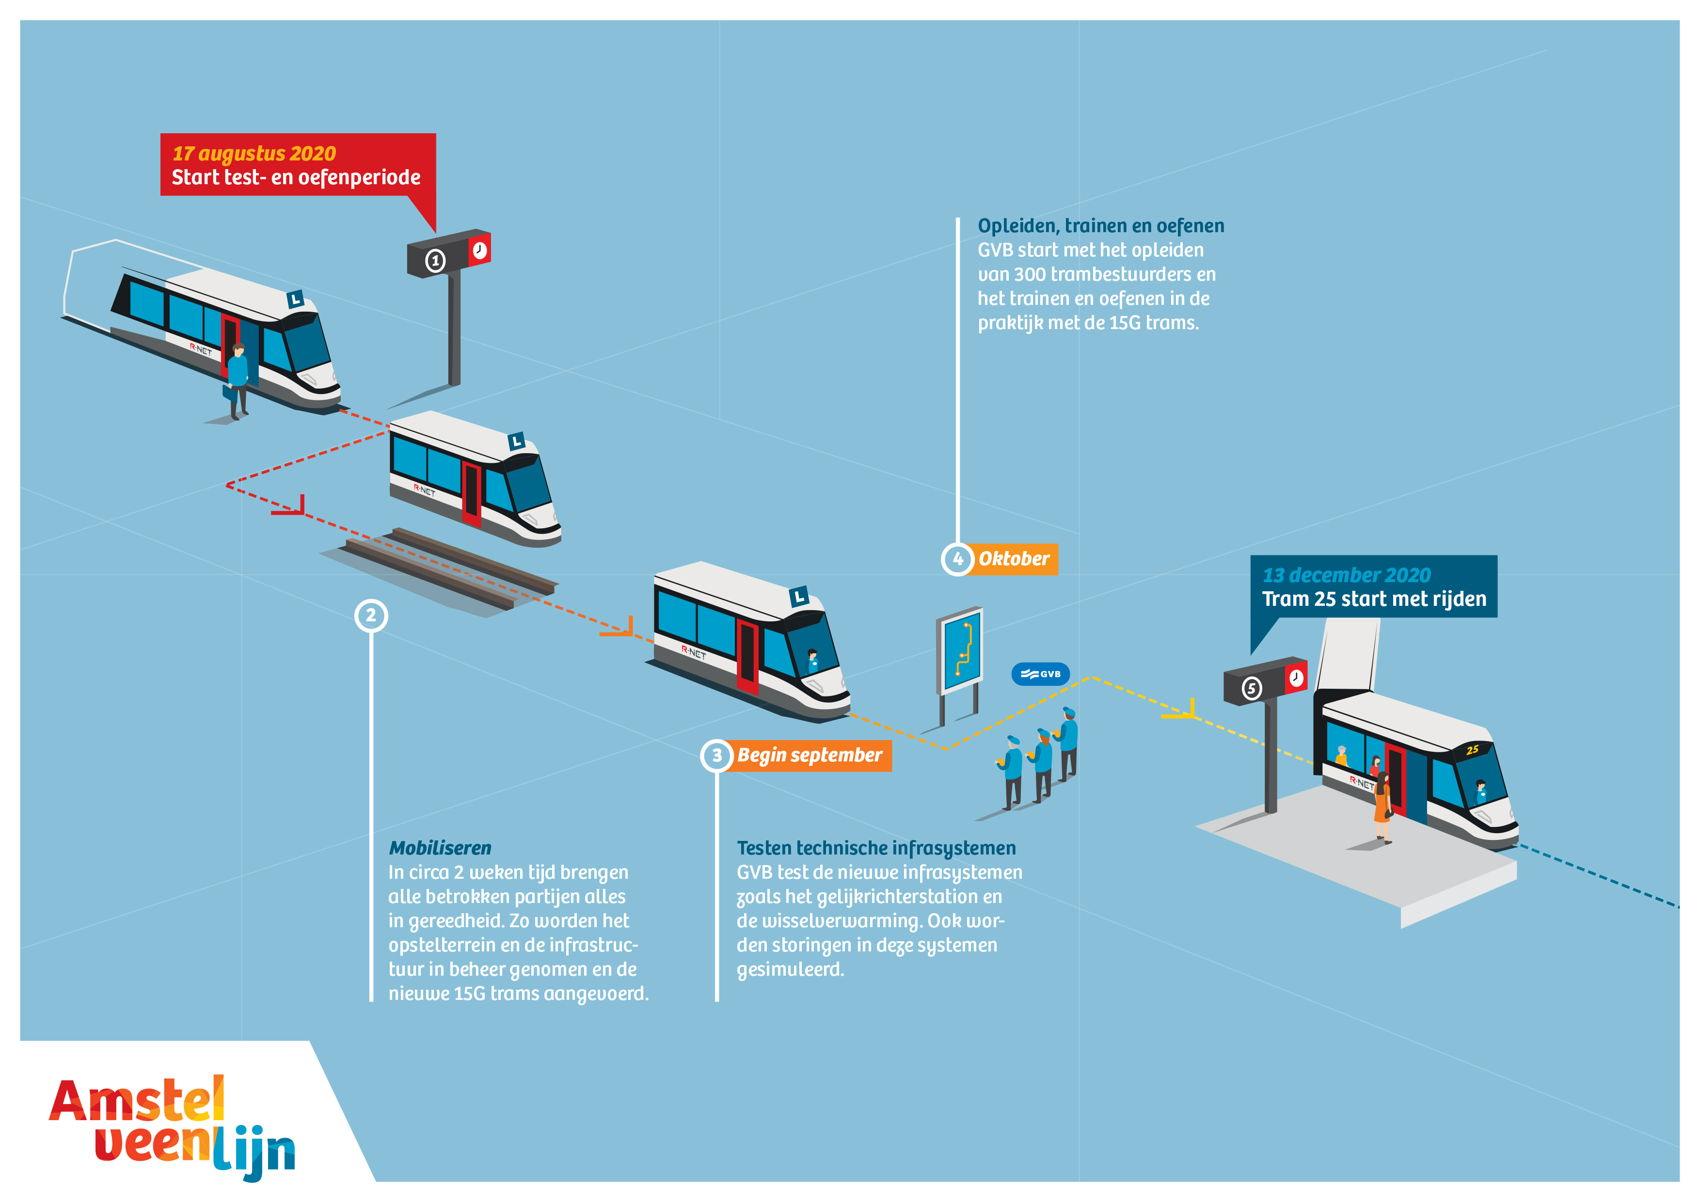 Op hoofdlijnen ziet de test- en oefenperiode er zo uit. Stap 1 is het mobiliseren van 'de boel'. In circa 2 weken tijd brengen alle betrokken partijen alles in gereedheid en rijdt er af en toe ook een testtram. Stap 2 is het testen van de technische infrasystemen begin september. In oktober start GVB met het opleiden van de trambestuurders en het testen en oefenen in de praktijk met de 15G trams. Op 13 december 2020 wordt tram 25 dan in gebruik genomen.